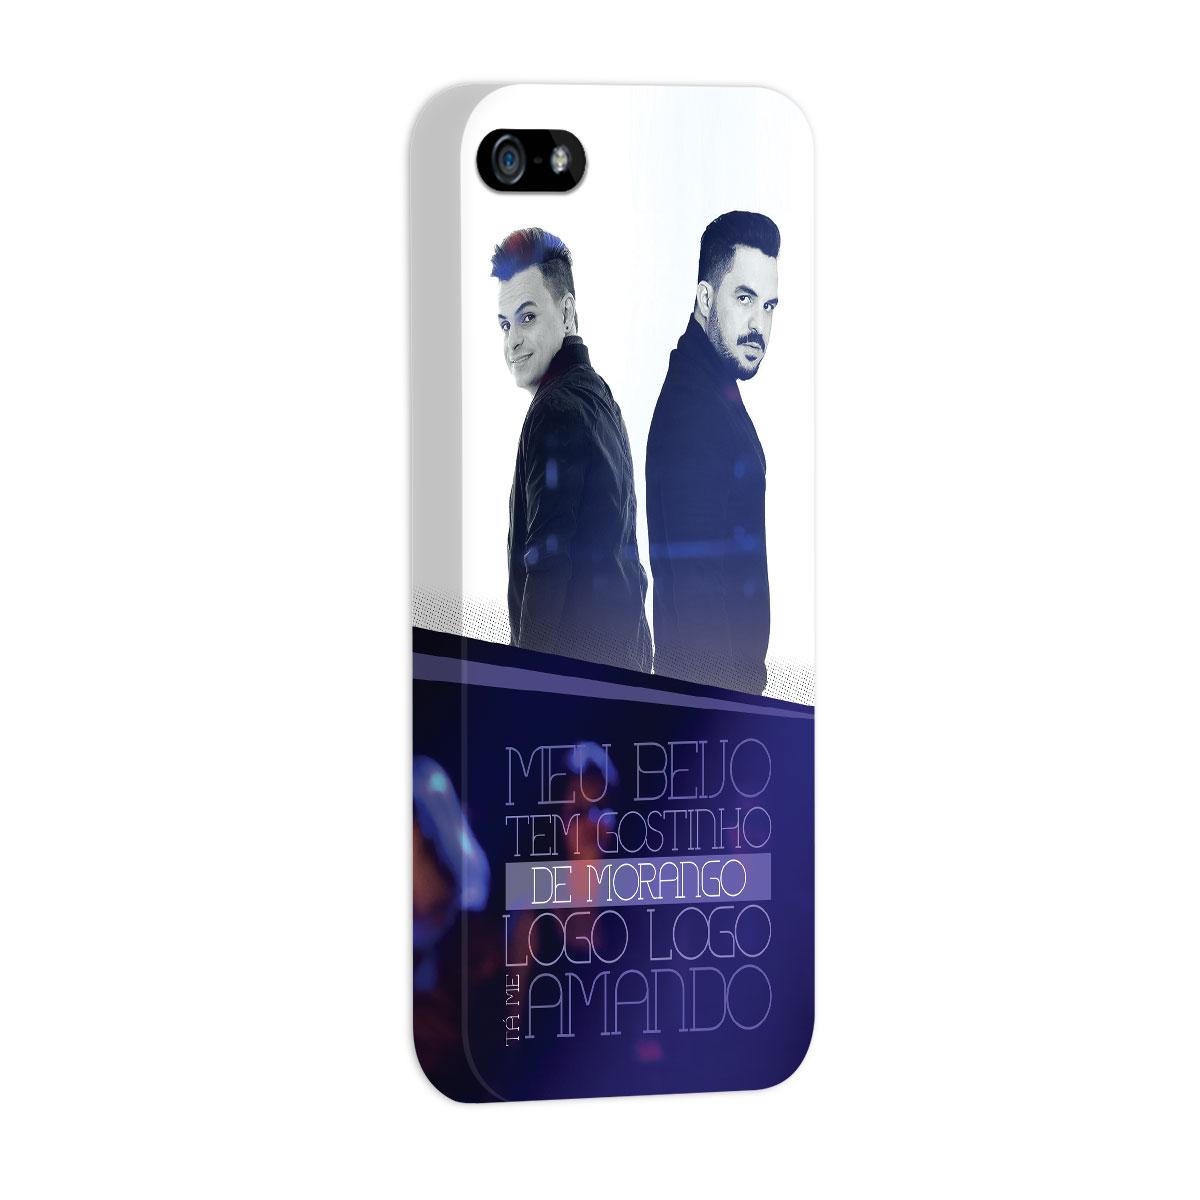 Capa para iPhone 5/5S Carlos & Jader Meu Beijo